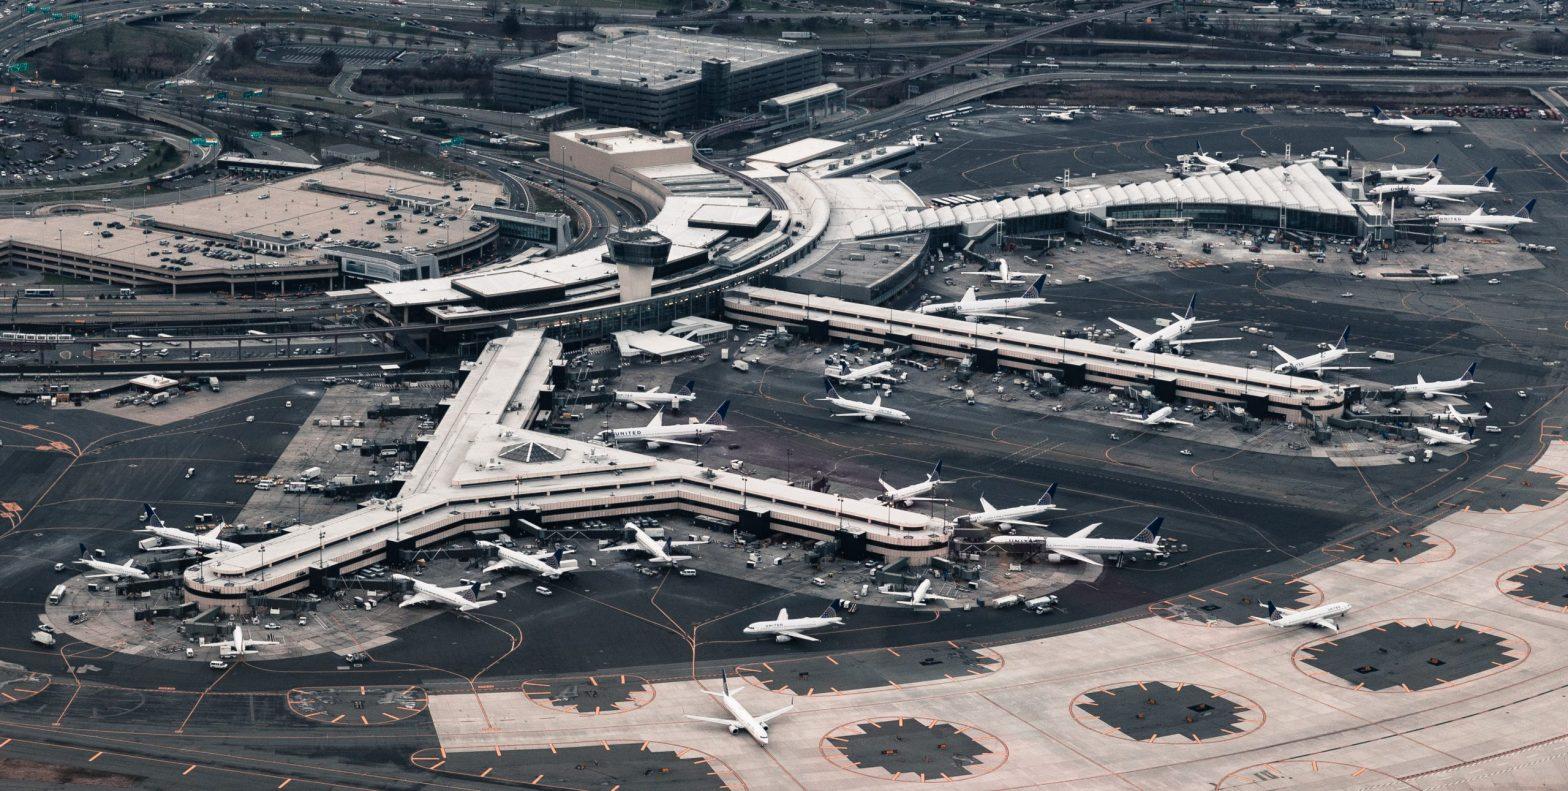 美國新澤西州紐瓦克自由國際機場